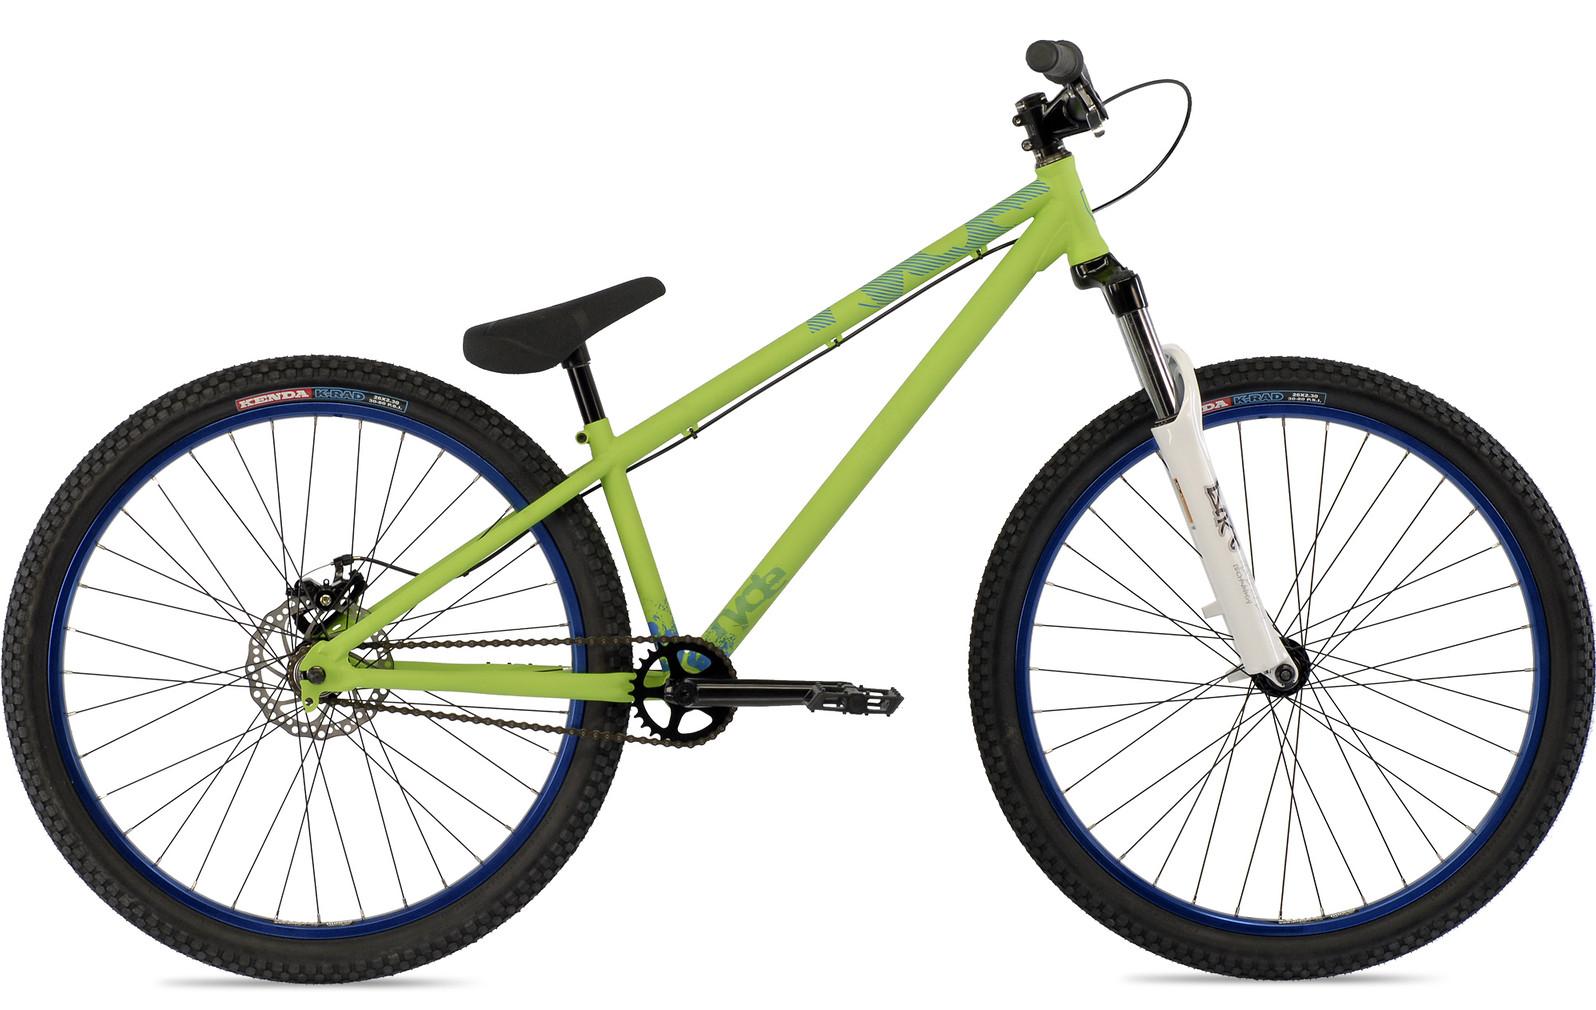 2014 Norco Ryde 26 Bike Reviews Comparisons Specs